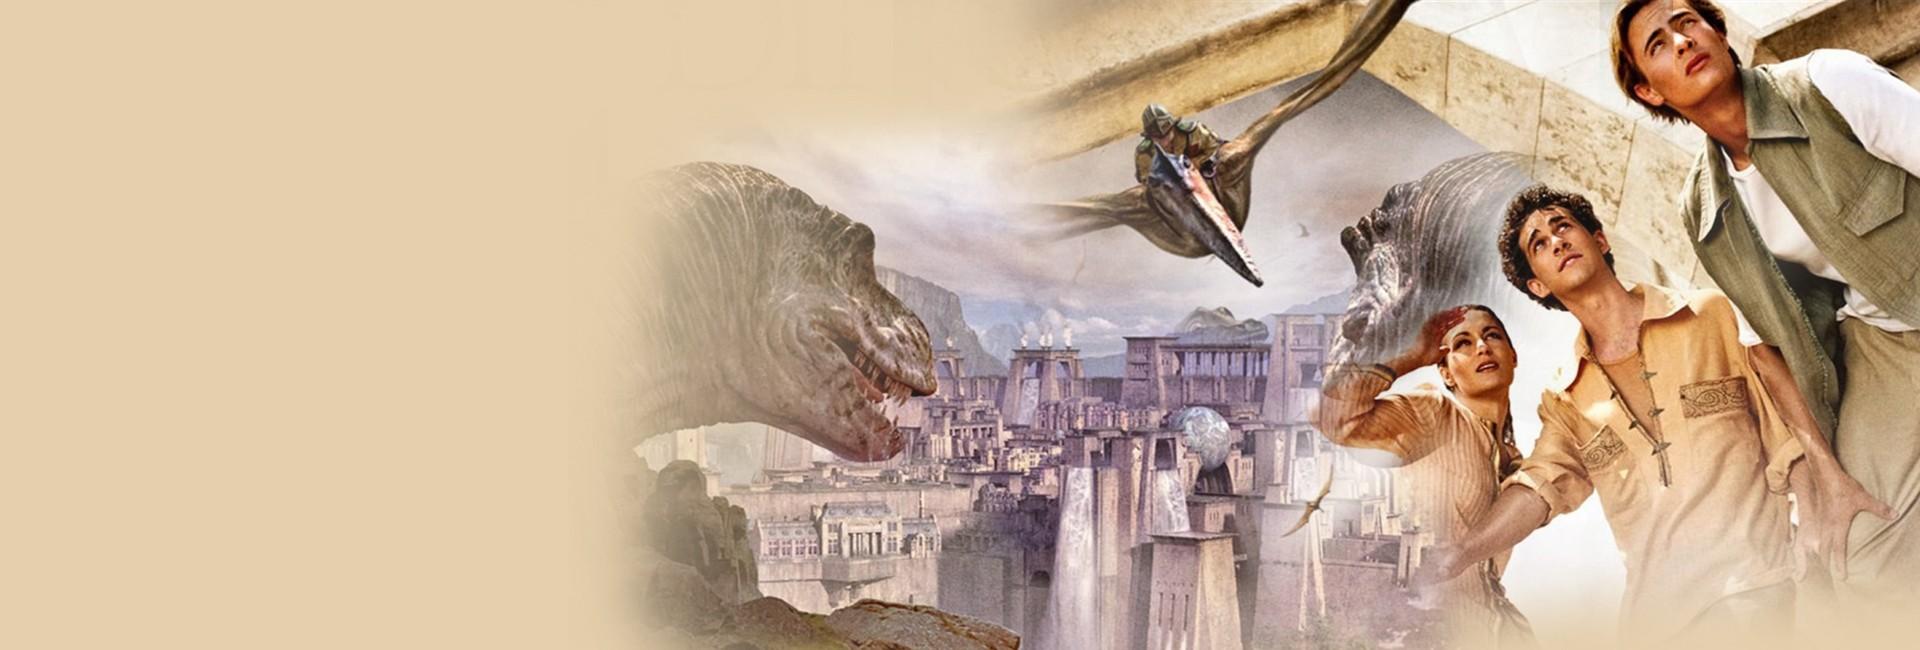 Dinotopie I.